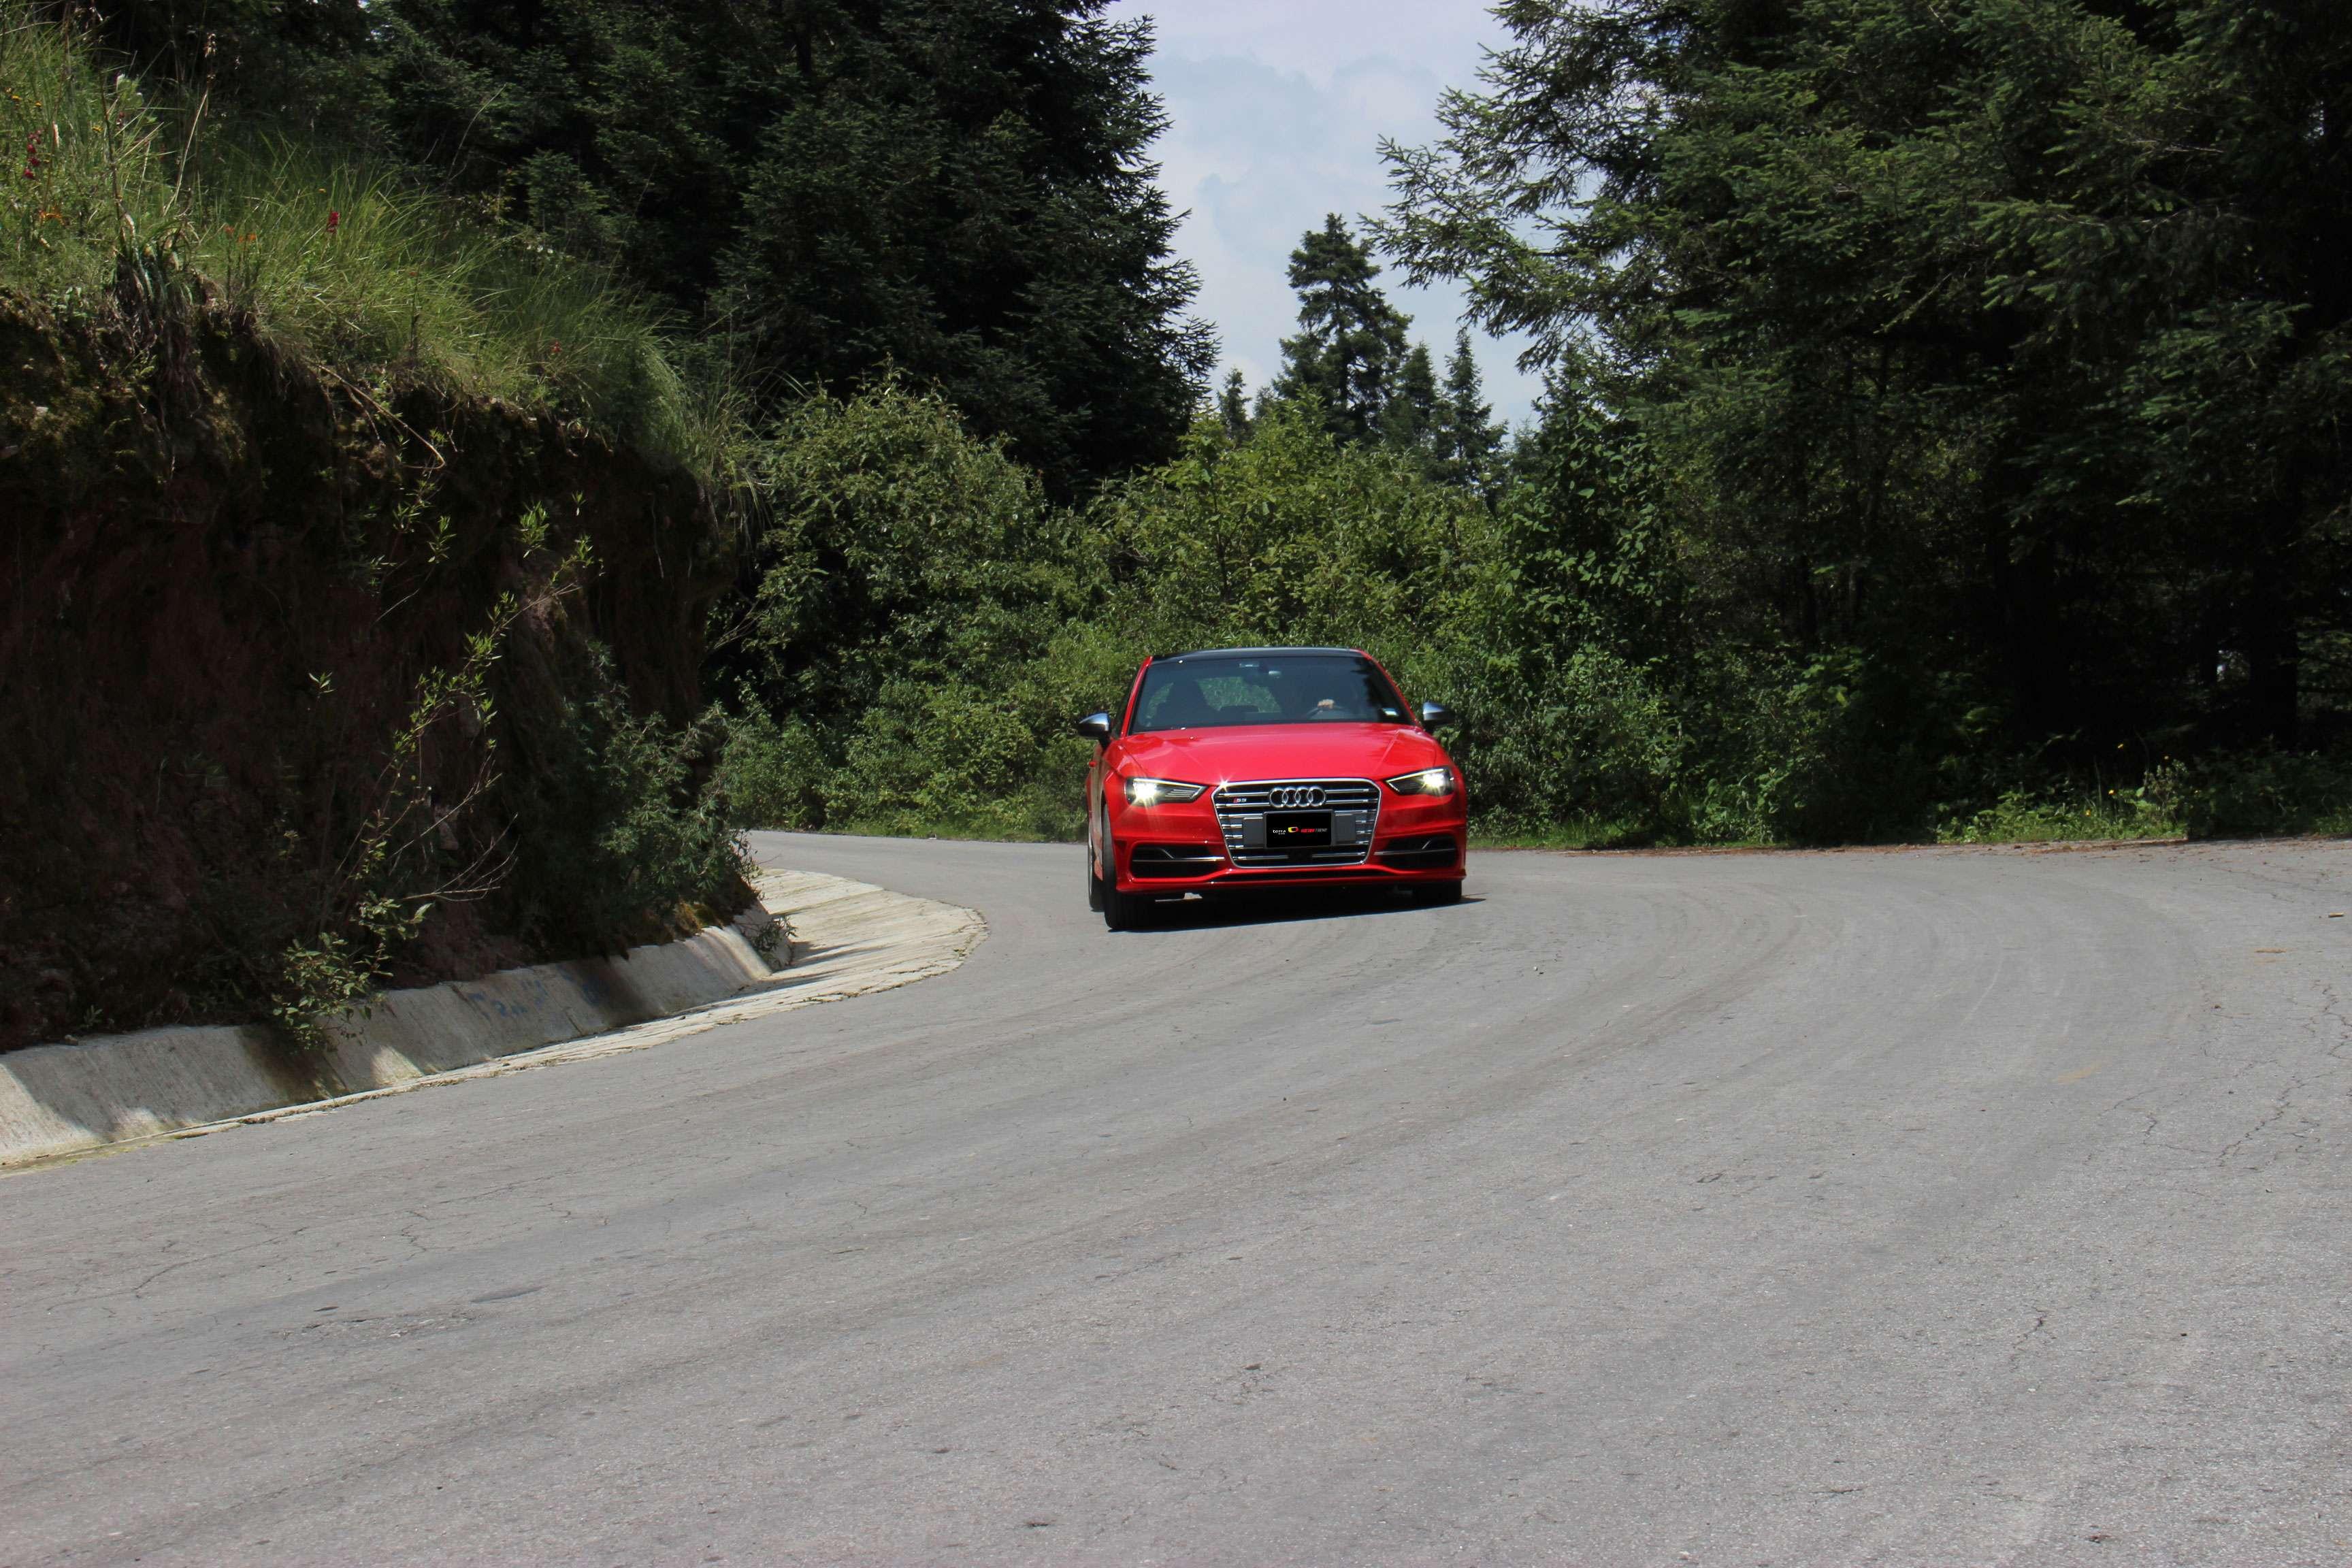 El Audi S3 2015 hatchback cuenta con 285 caballos de fuerza, que a pesar de ser mucho, se sienten mucho mejor frente al volante. Foto: Terra